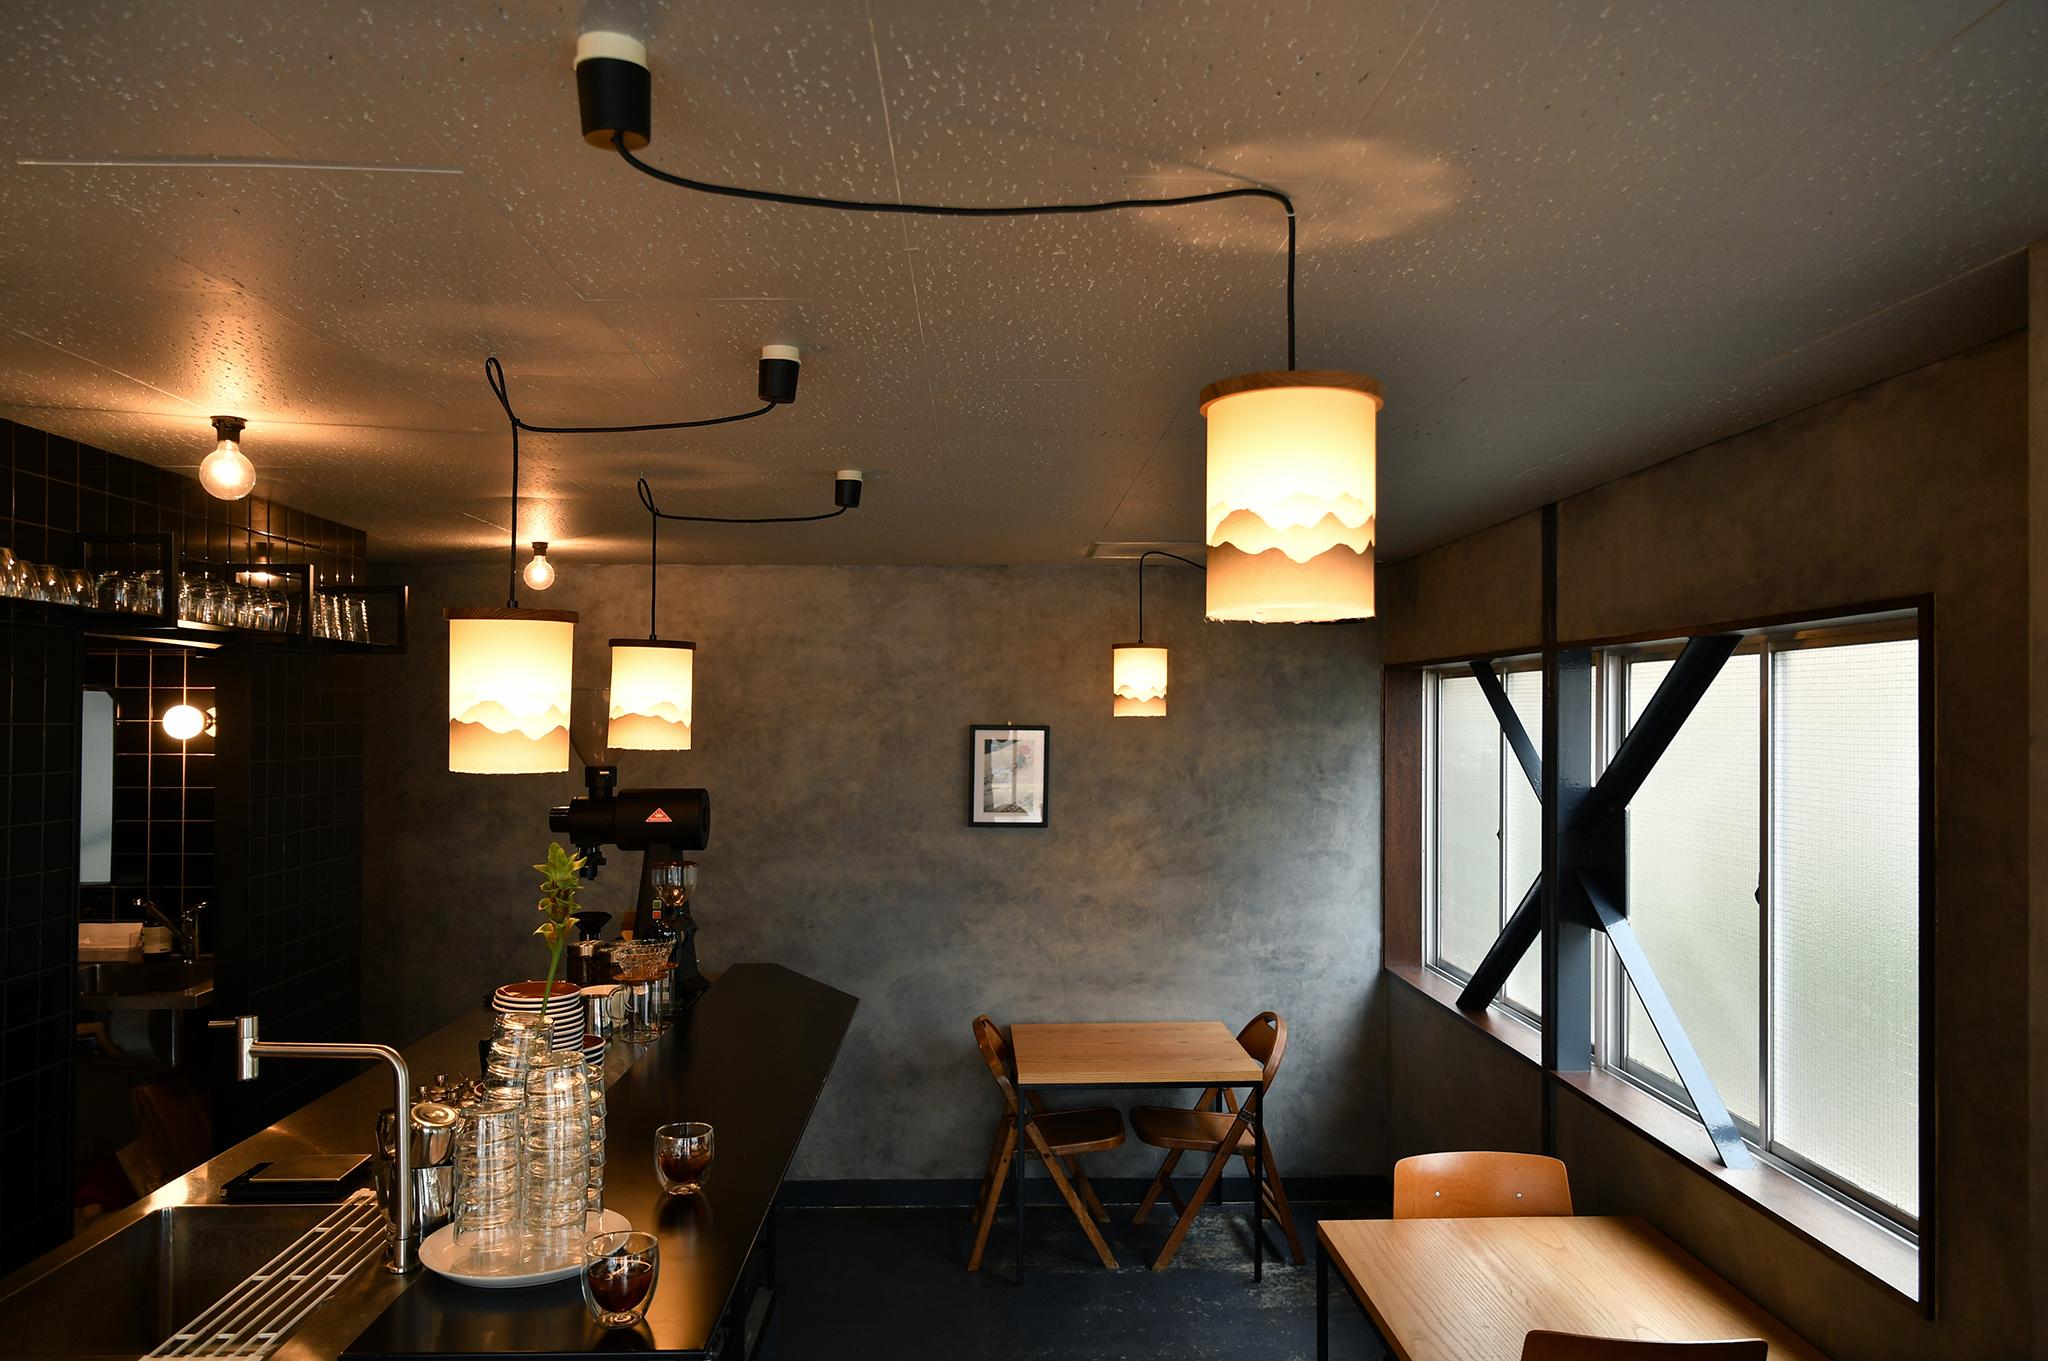 和紙のペンダントライト yamayama 空間 coffee table